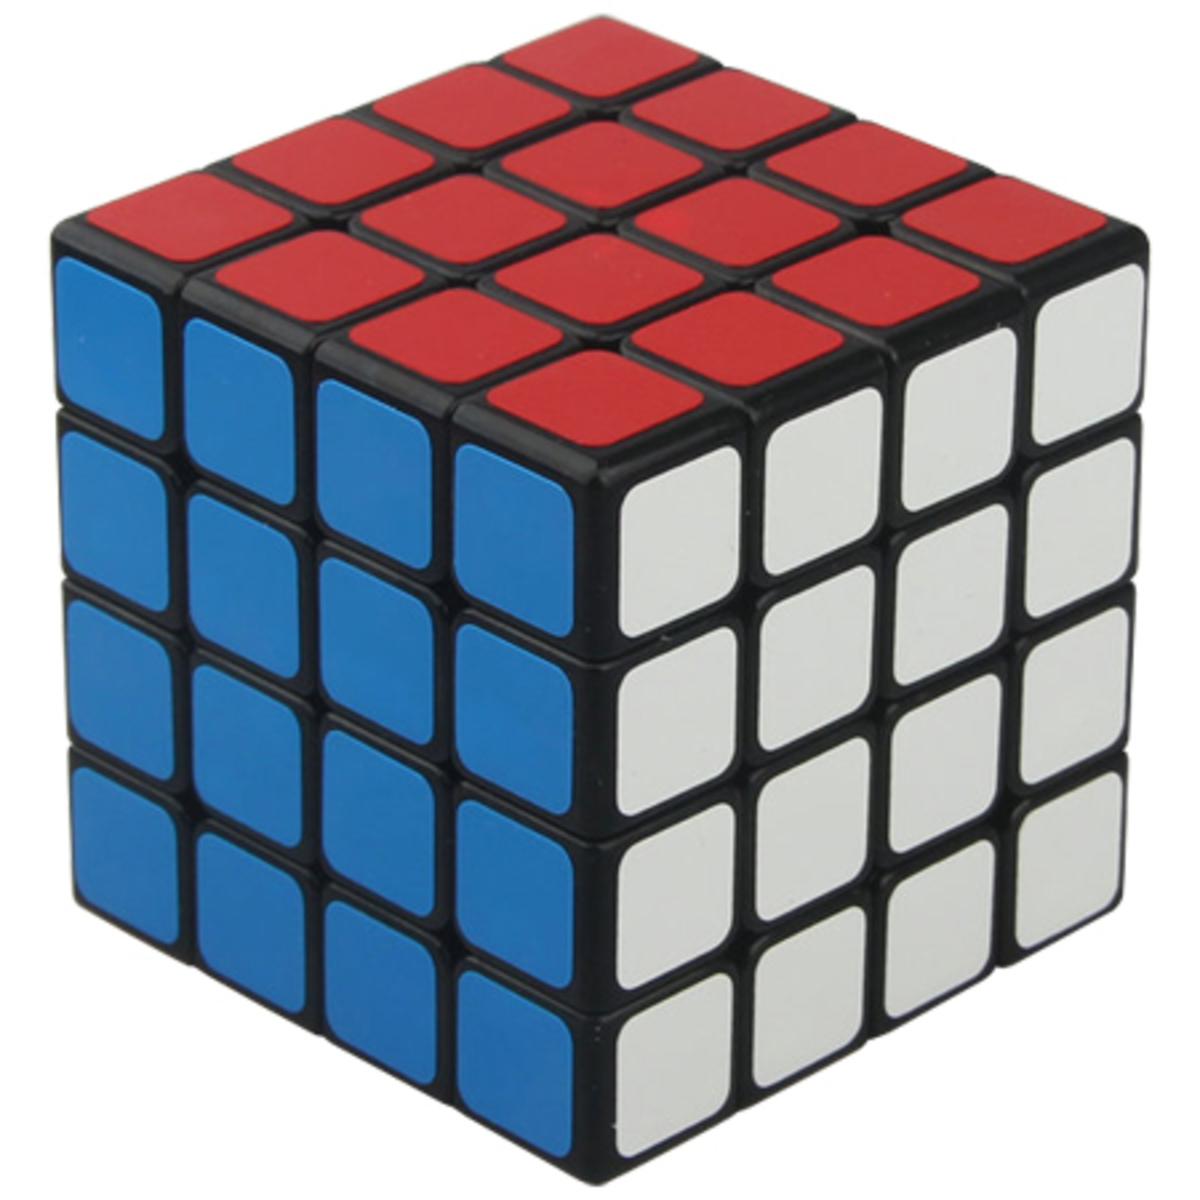 4x4x4 Legend